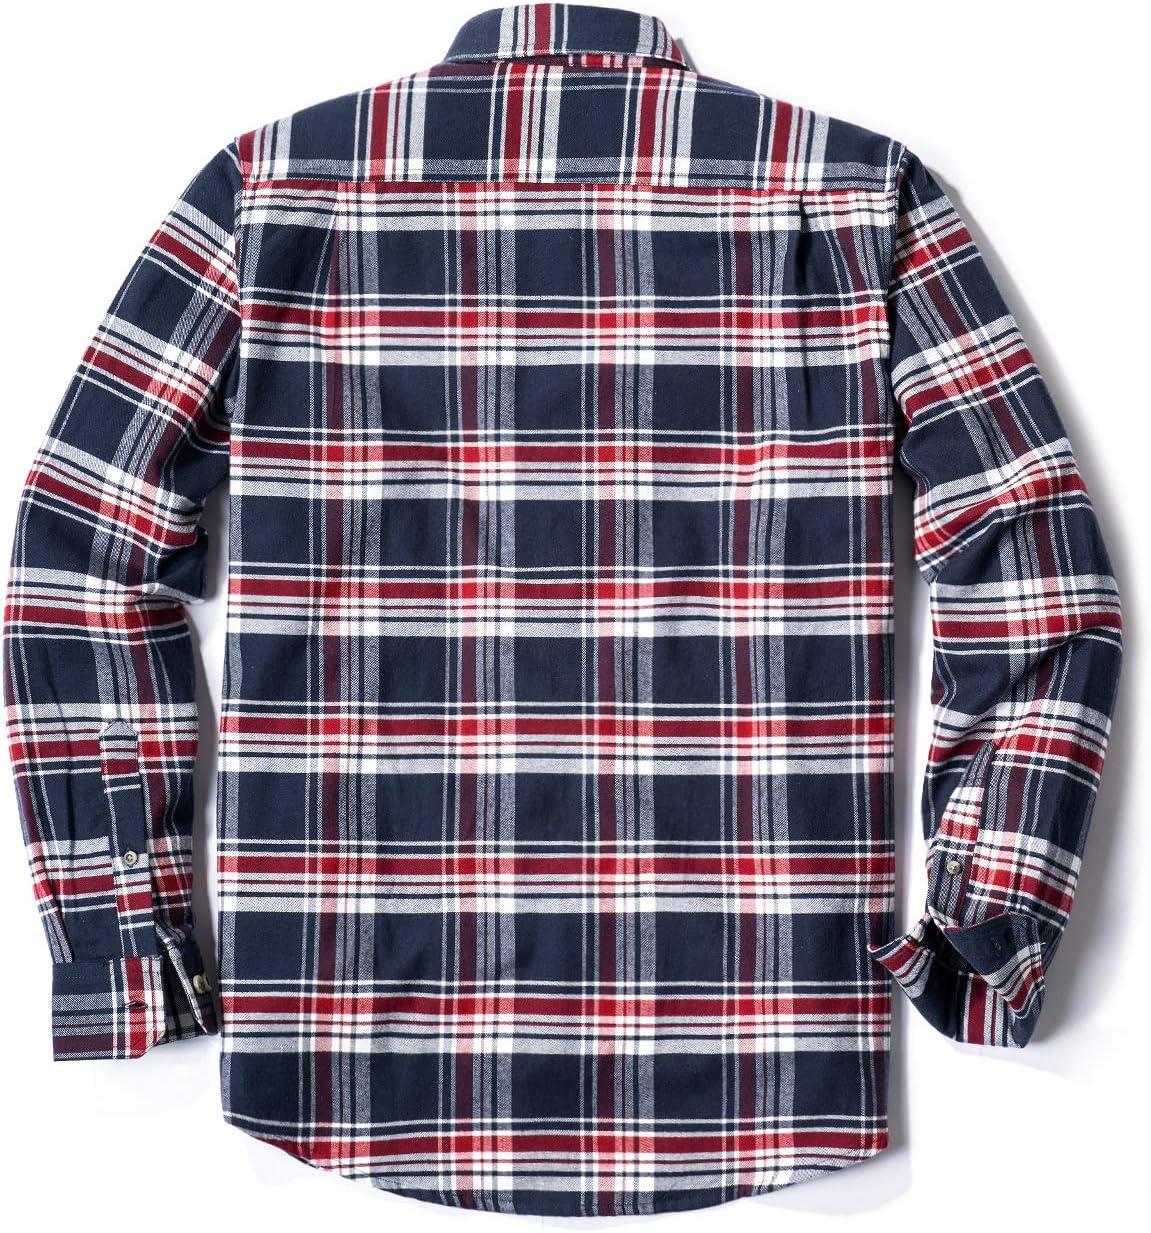 CQR Camisa de franela de manga larga con botones a cuadros, de algodón cepillado, para hombre, XXXL, Plaid Flannel(hof001) - Navy & Red: Amazon.es: Deportes y aire libre